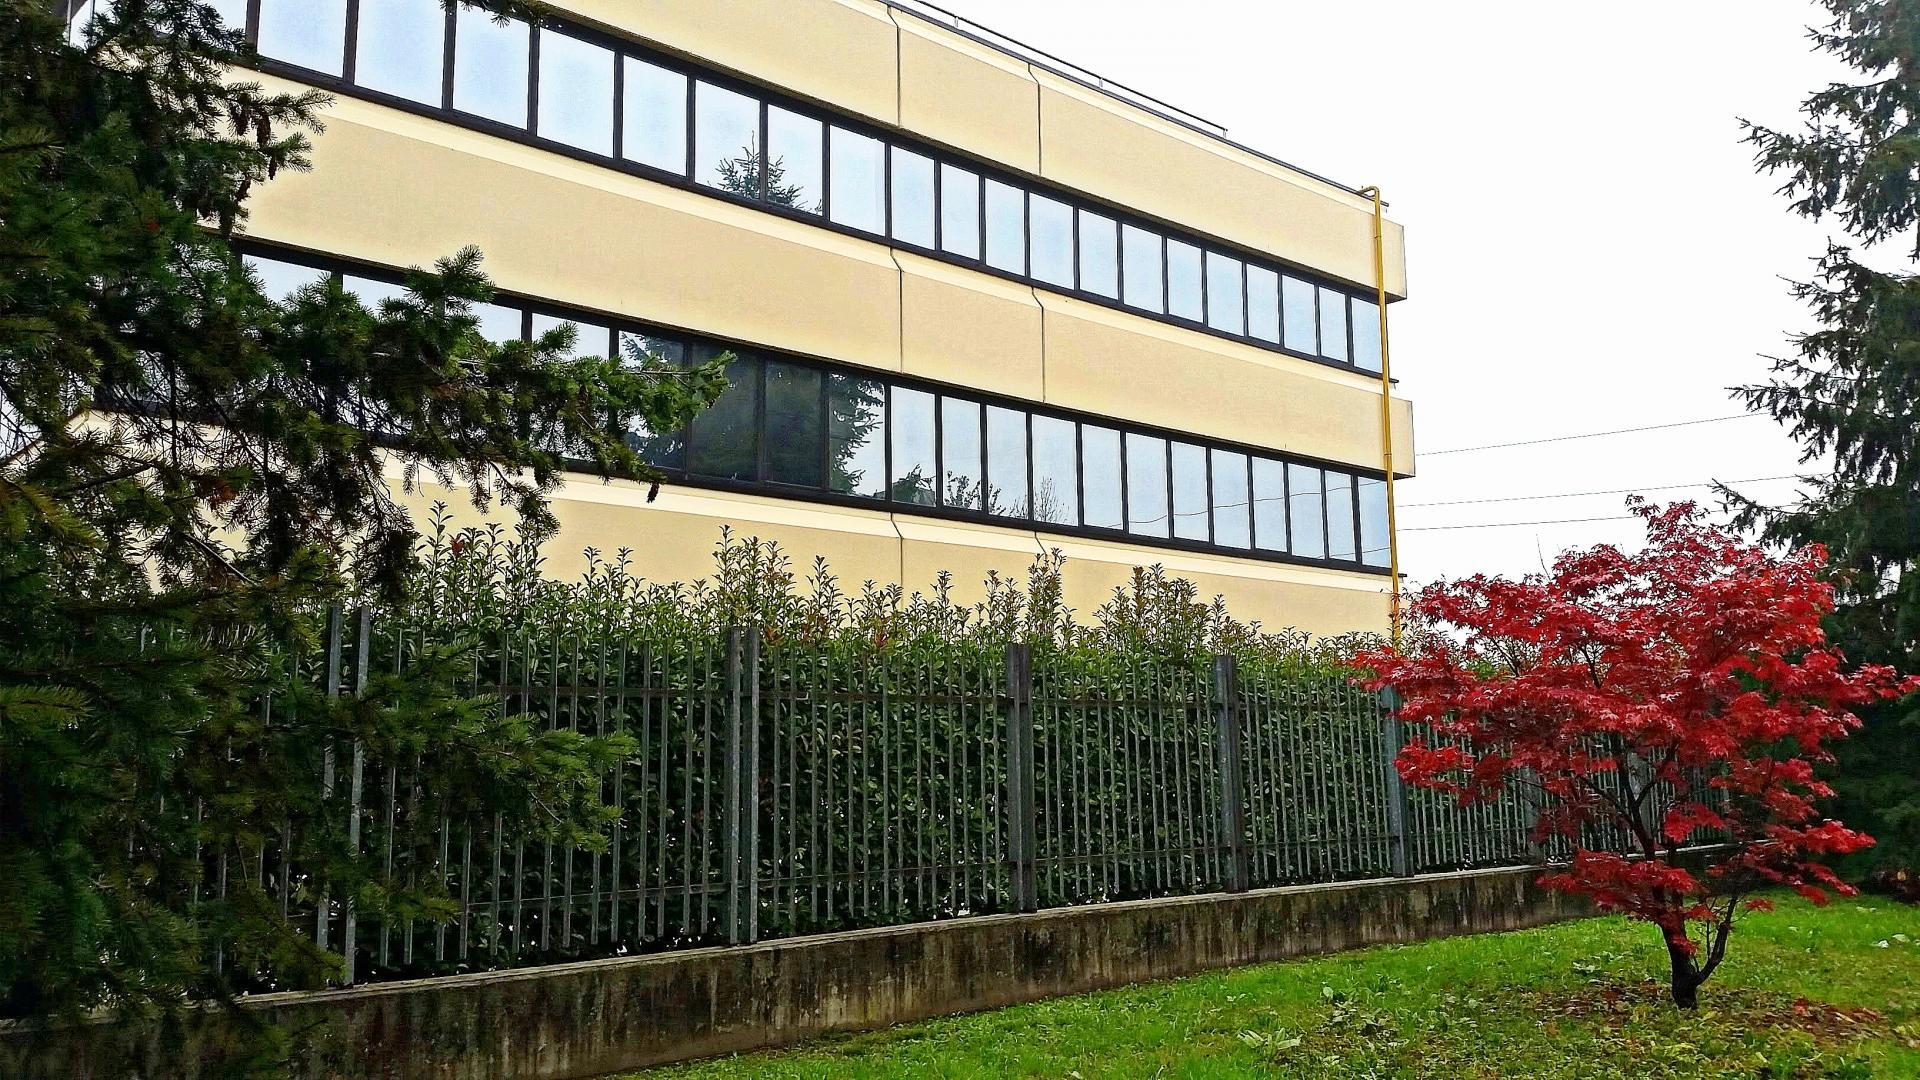 Metri Quadri Minimi Ufficio : Ufficio in affitto a vimodrone cod. a000424